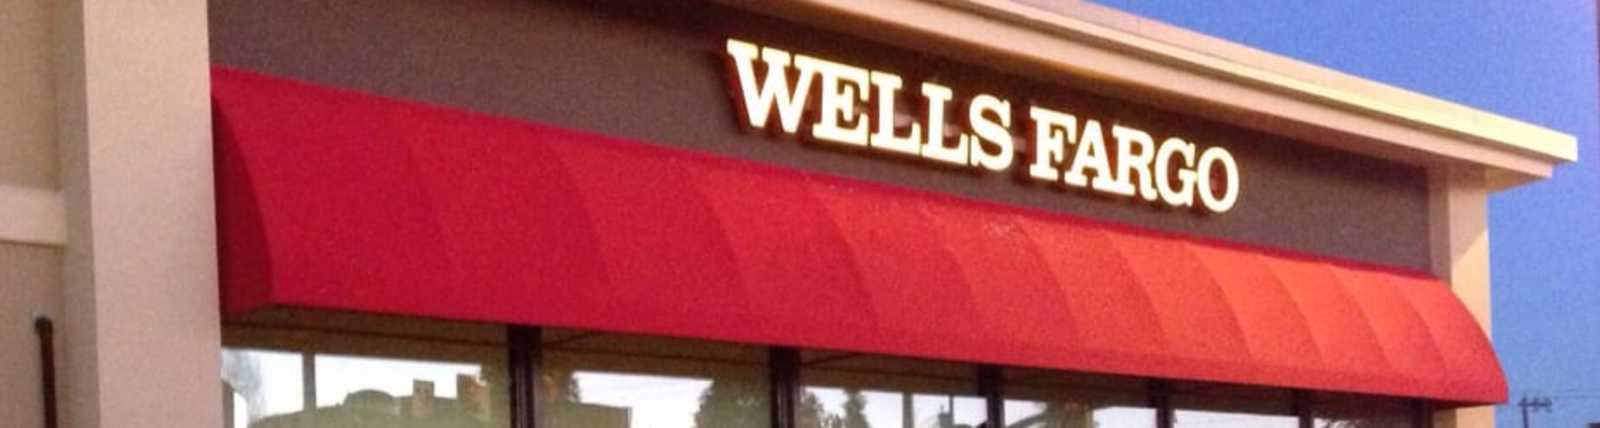 Wells Fargo Bank - Burien